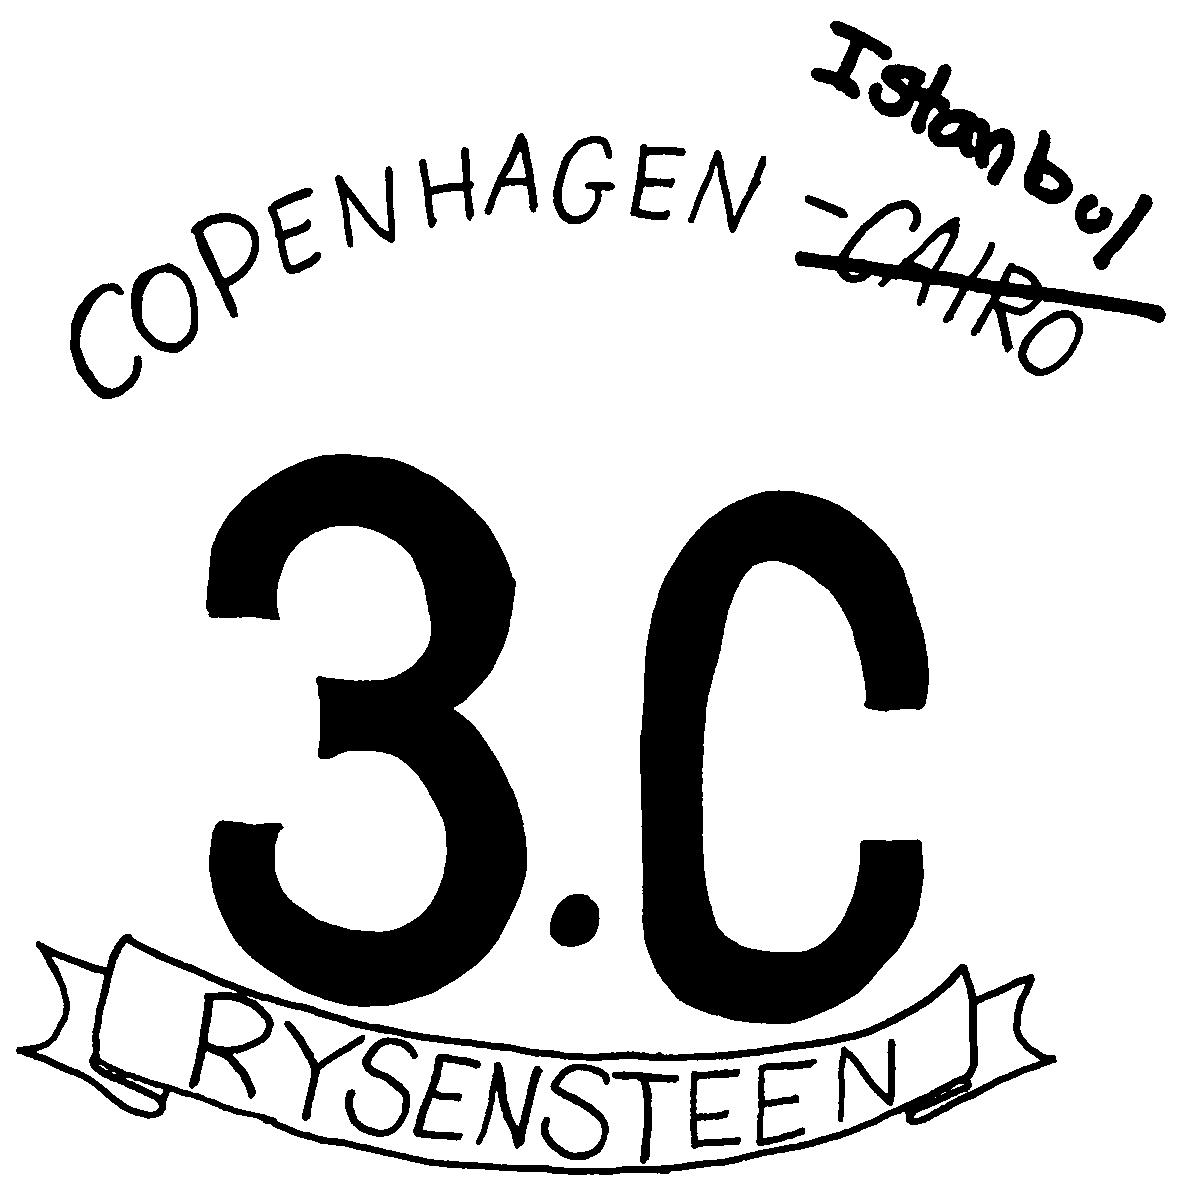 rysensten-3-c-front